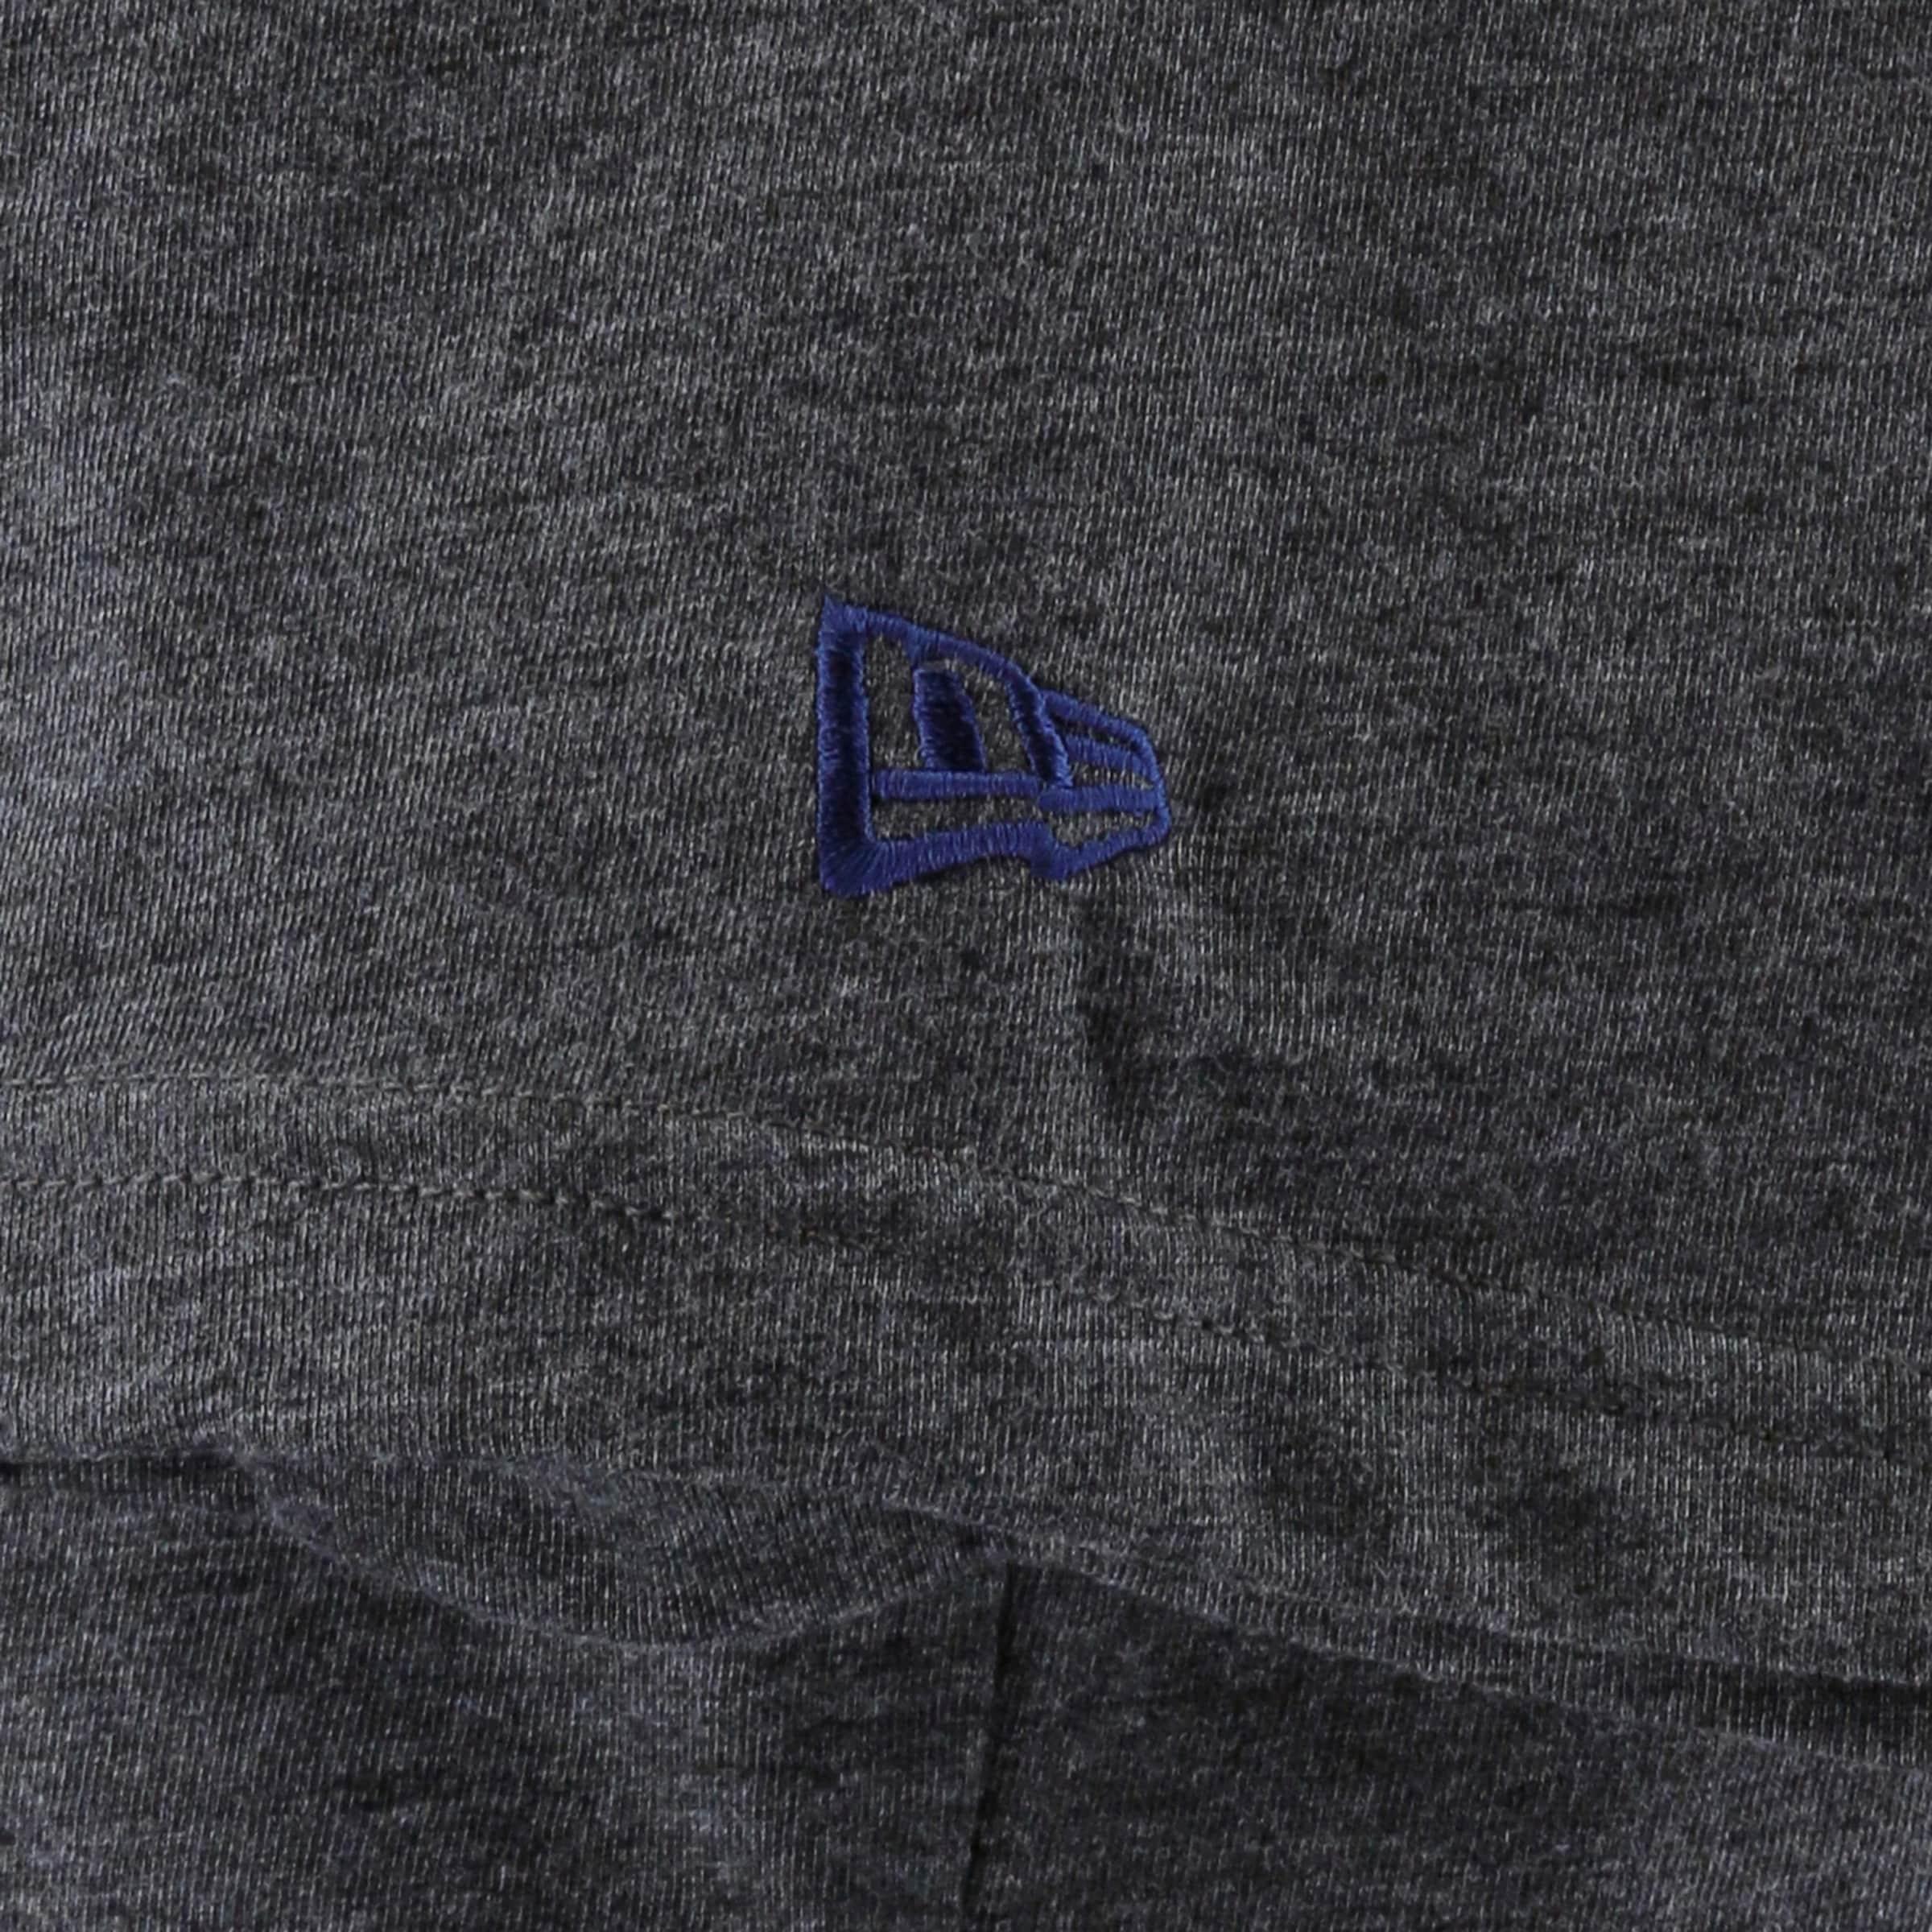 NEW ERA 'Dallas Cowboys' T-Shirt Geringster Preis Spielraum Heißen Verkauf Rabatt Neueste In Deutschland Zu Verkaufen Rabatt 2018 Neueste 0lImcr6F